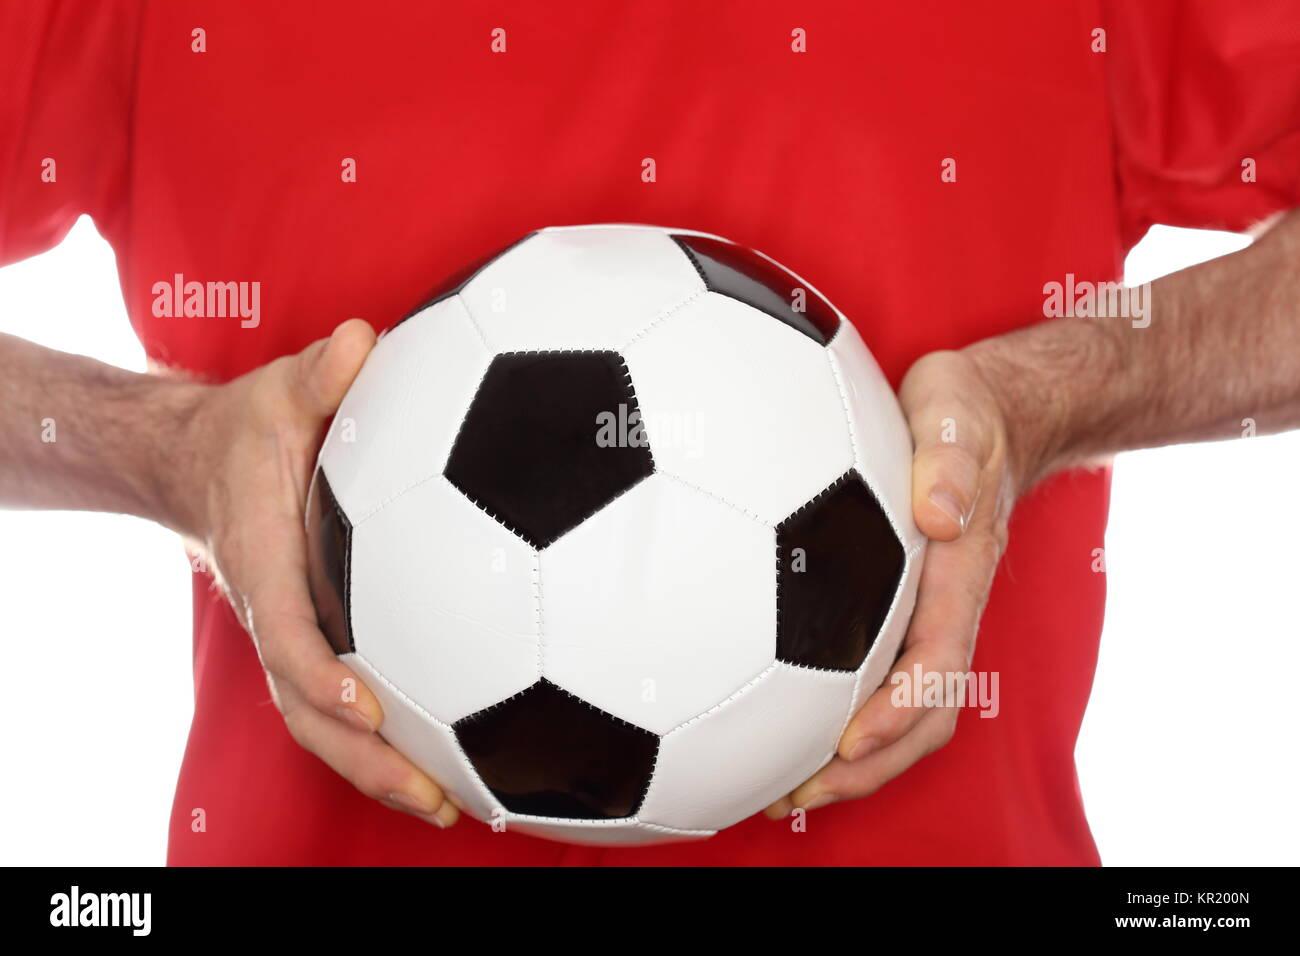 ball game - Stock Image